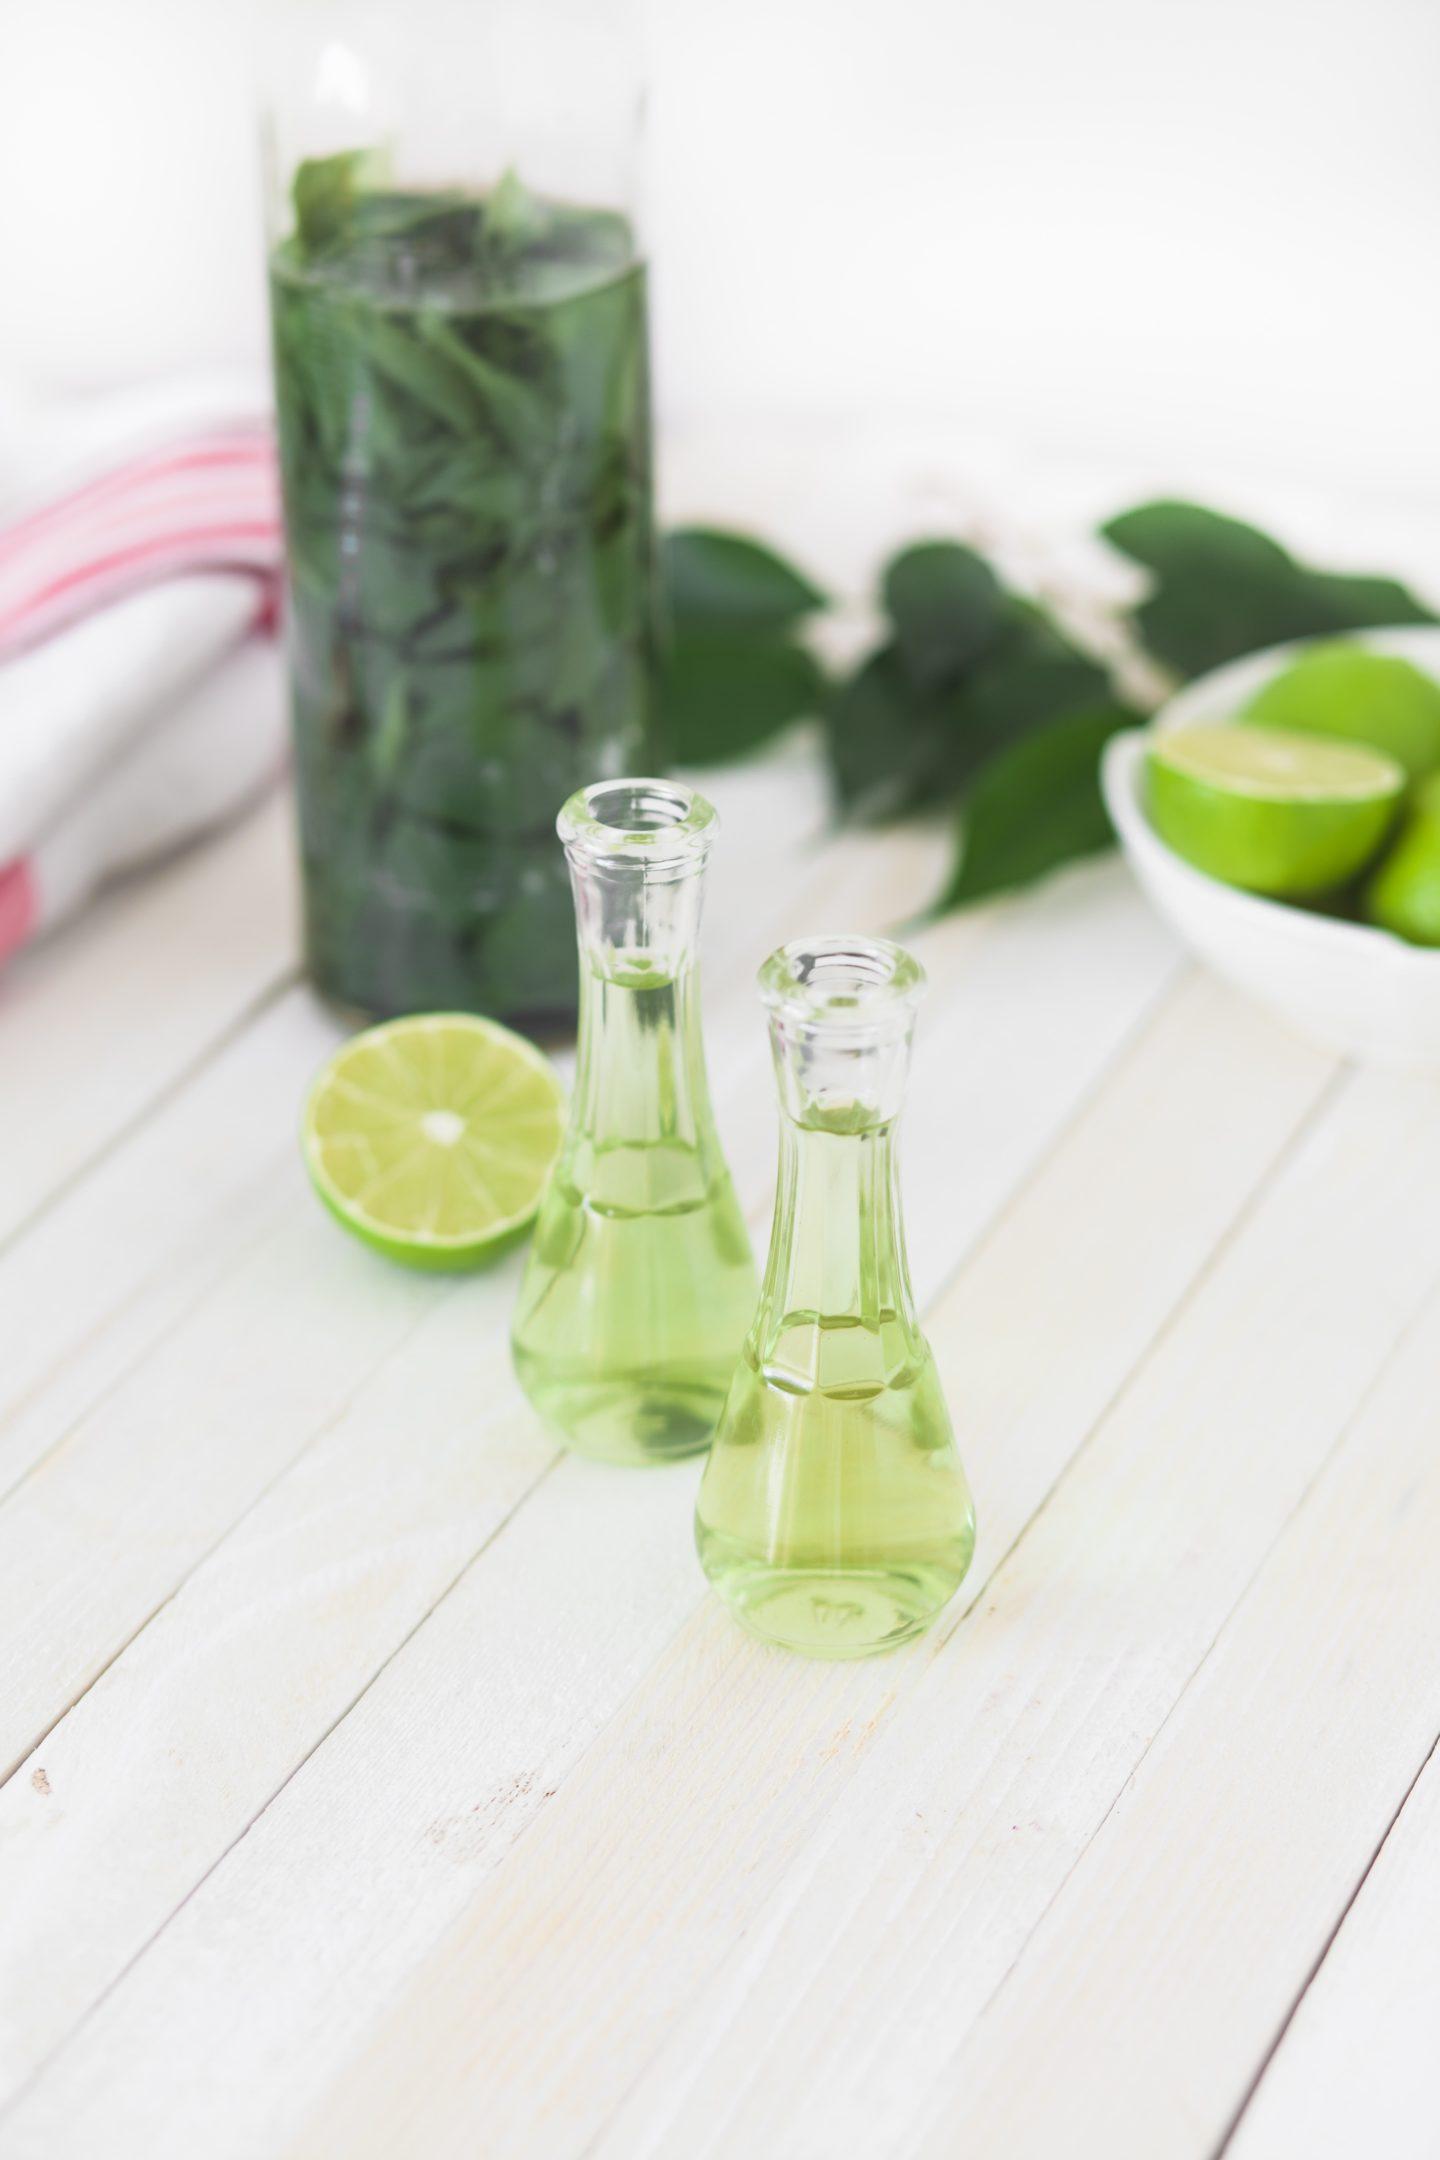 Ist Parfum schädlich?